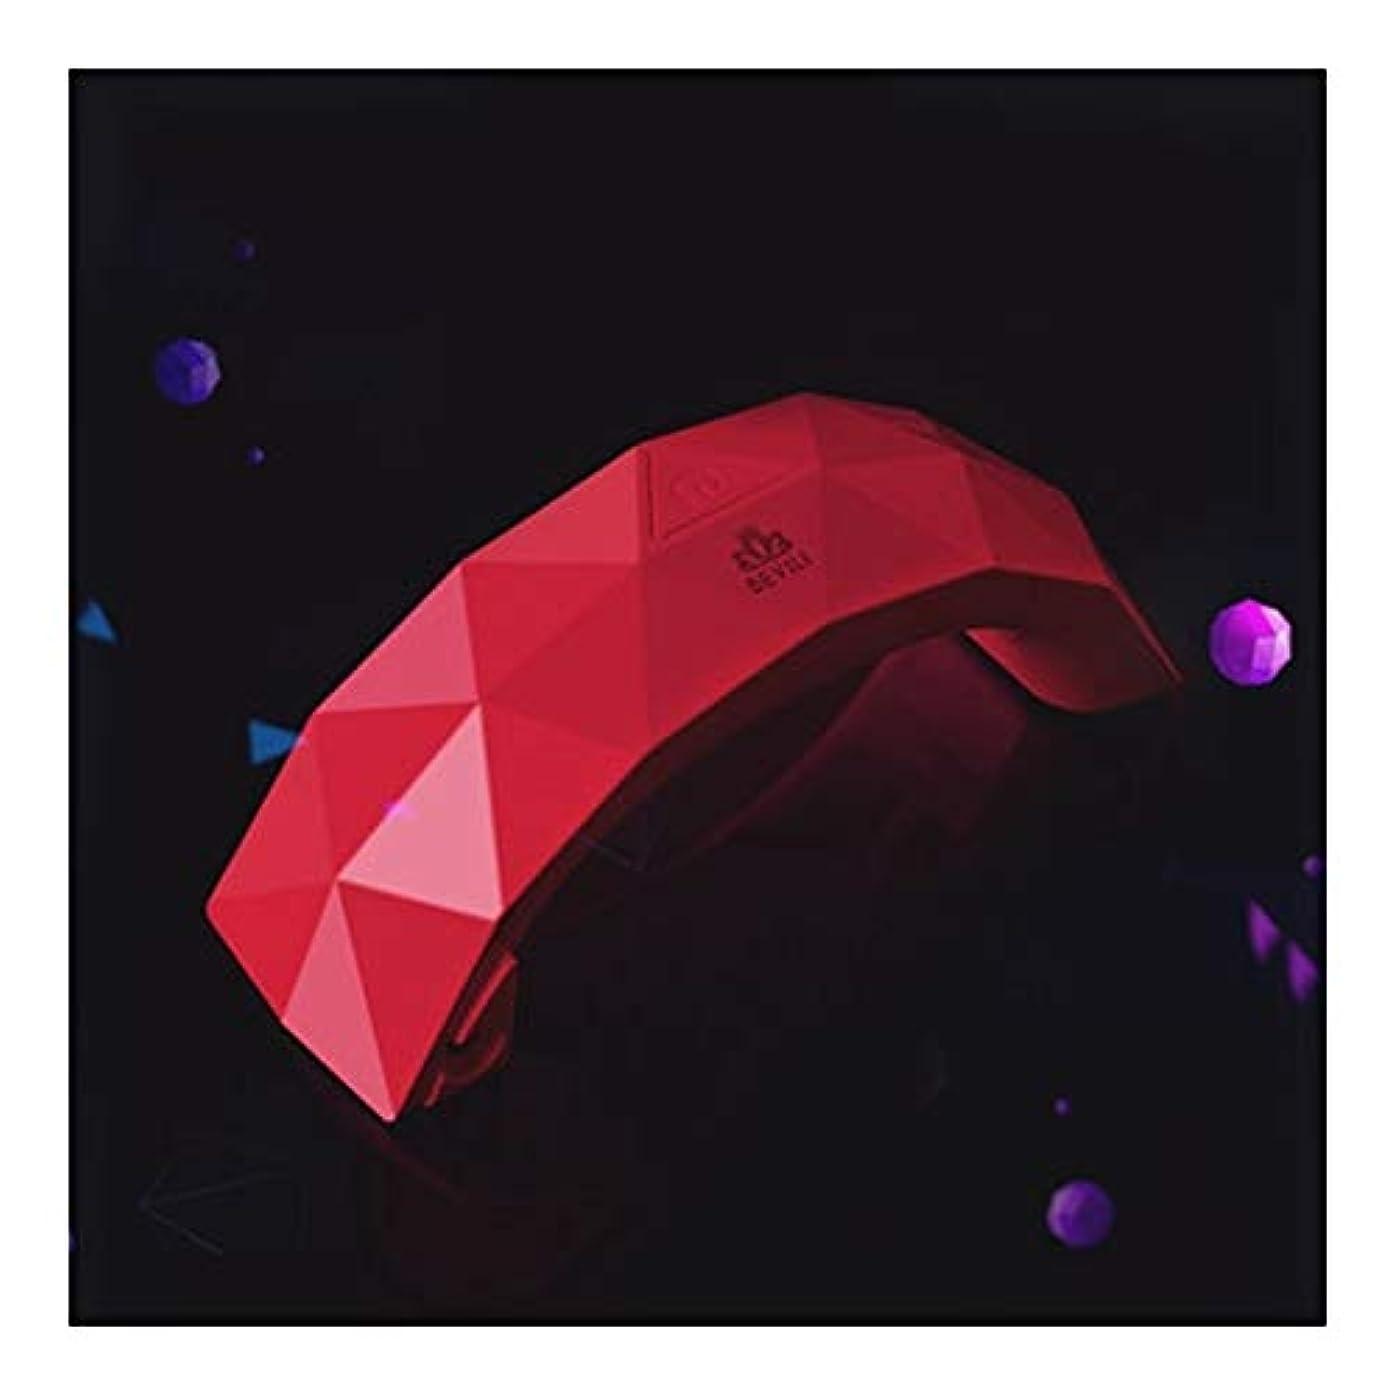 人差し指昼食導入するLittleCat ミニLEDレインボーライトセラピーランプジェルネイルポリッシュネイルズネイルドライヤーの熱ランプライト療法機械 (色 : 赤)